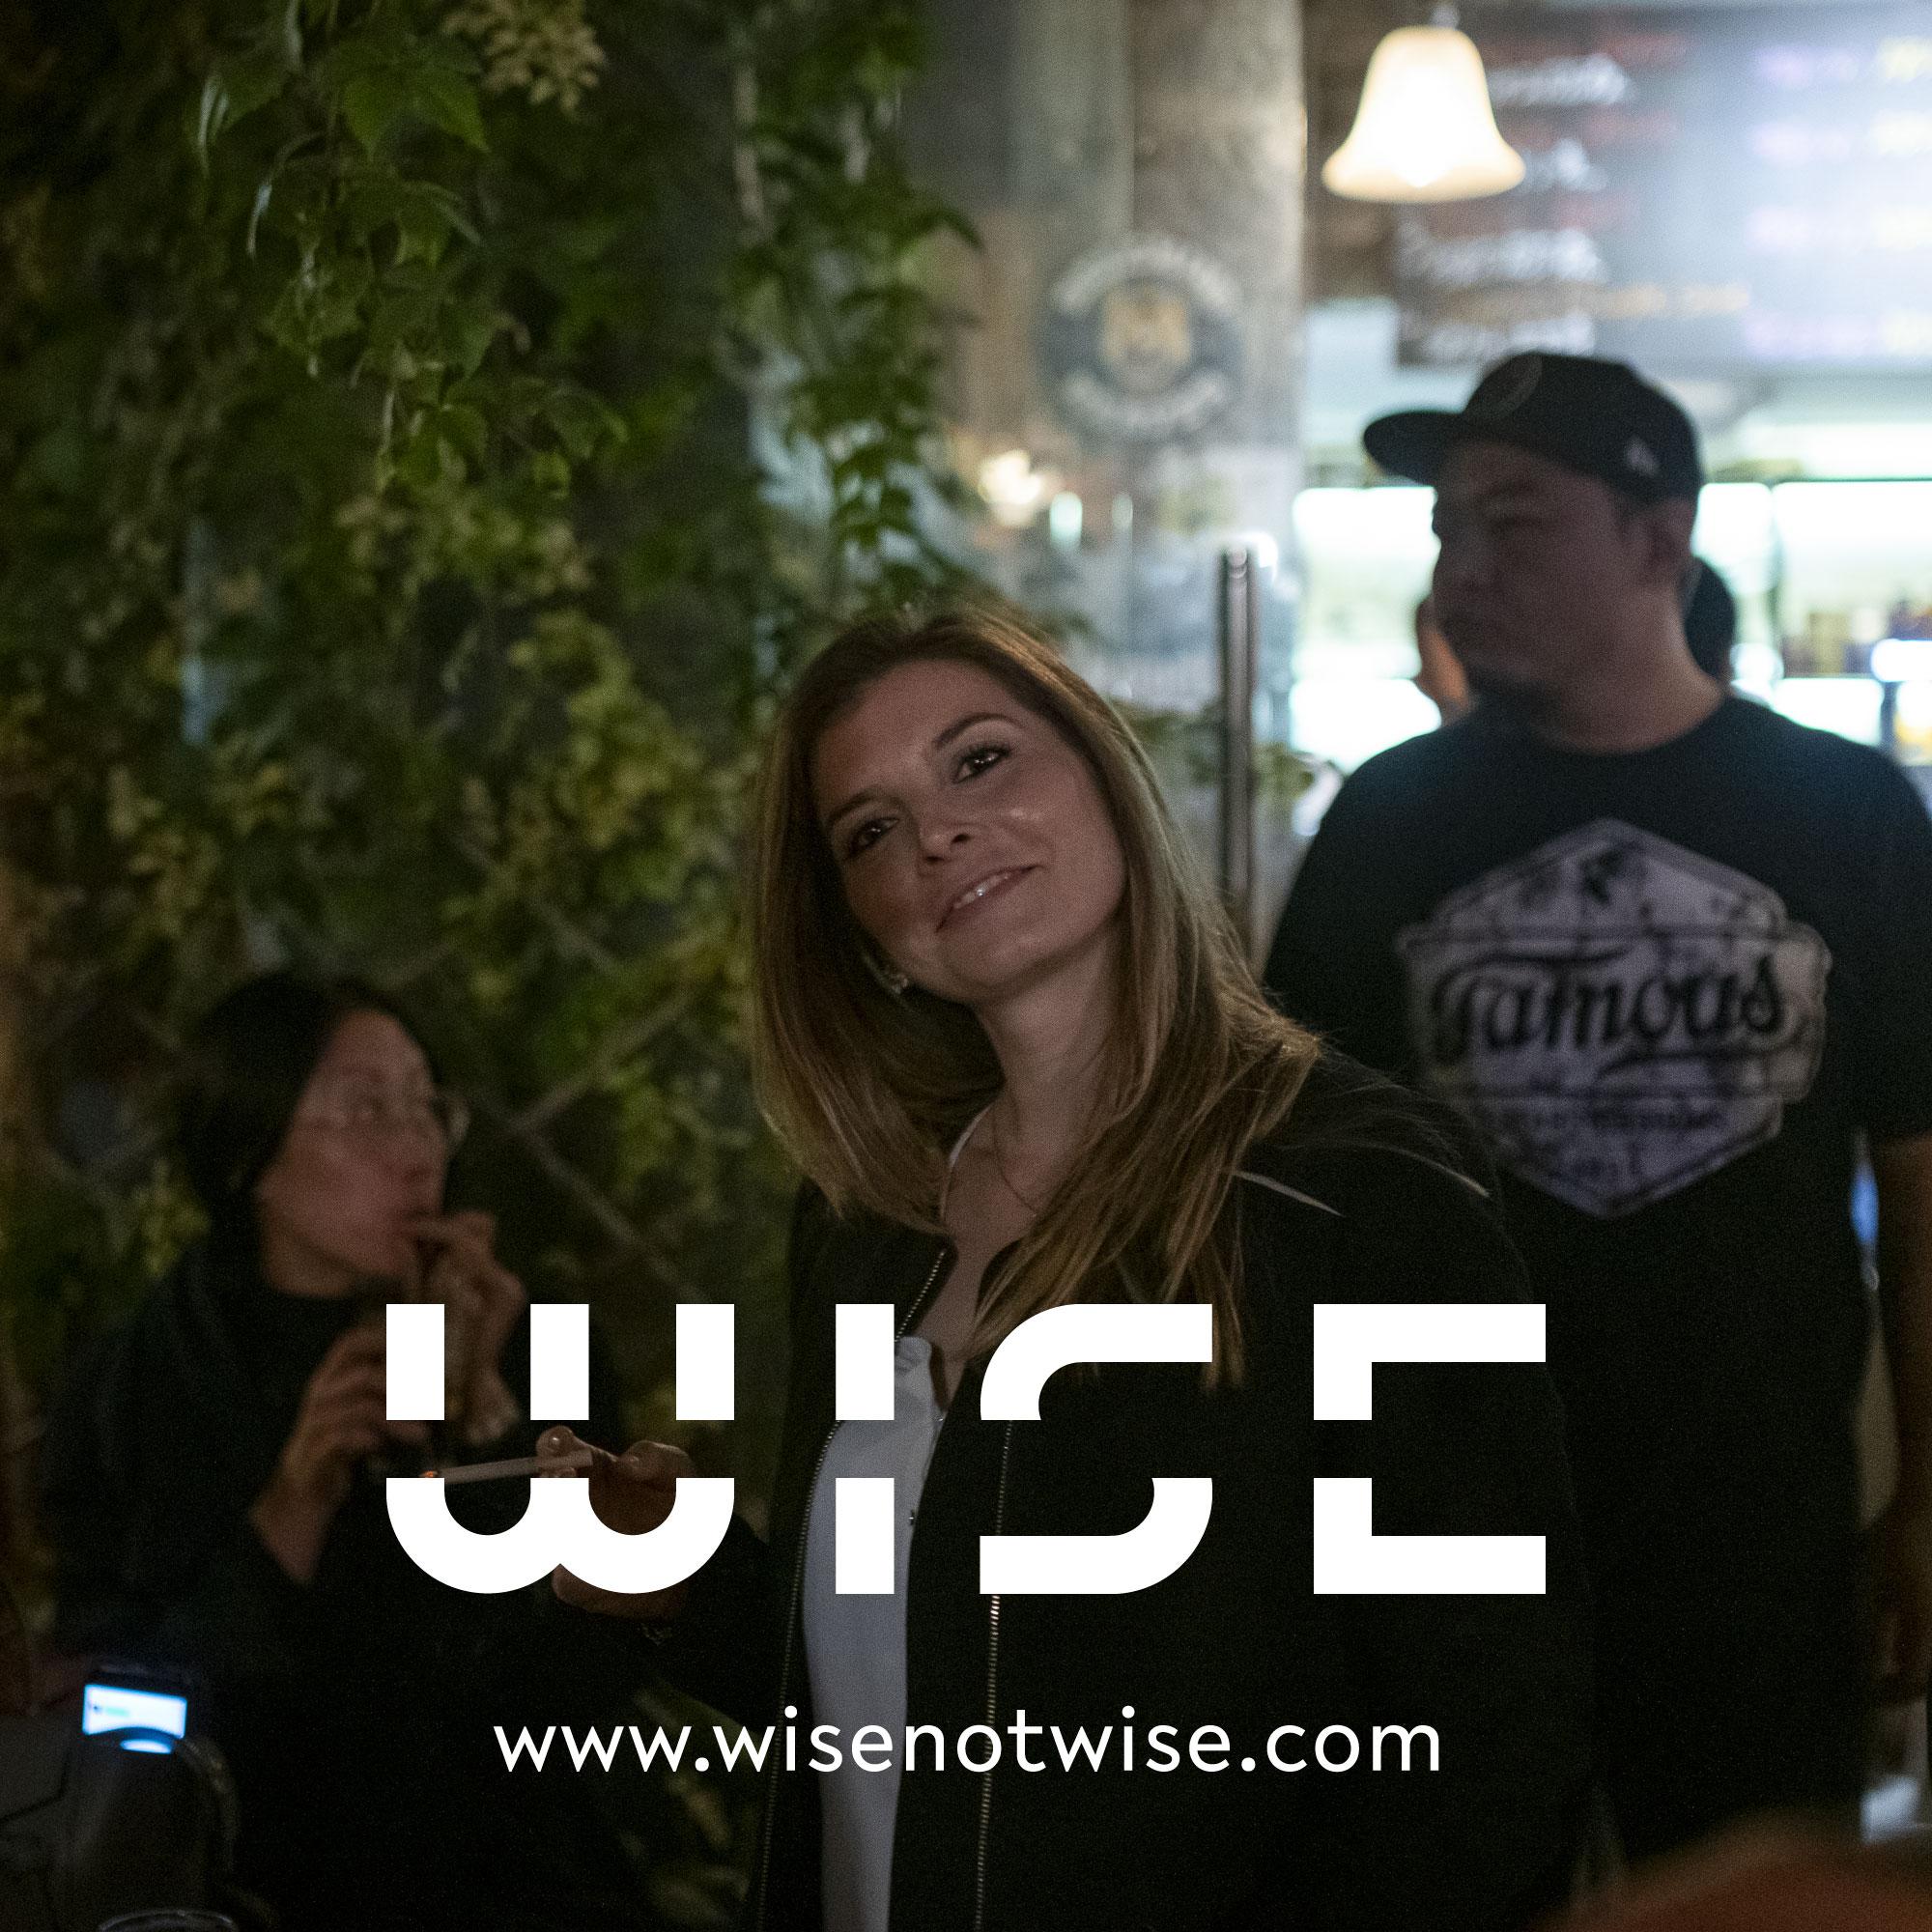 WISE_DOCU_LOGO_2018_53.jpg